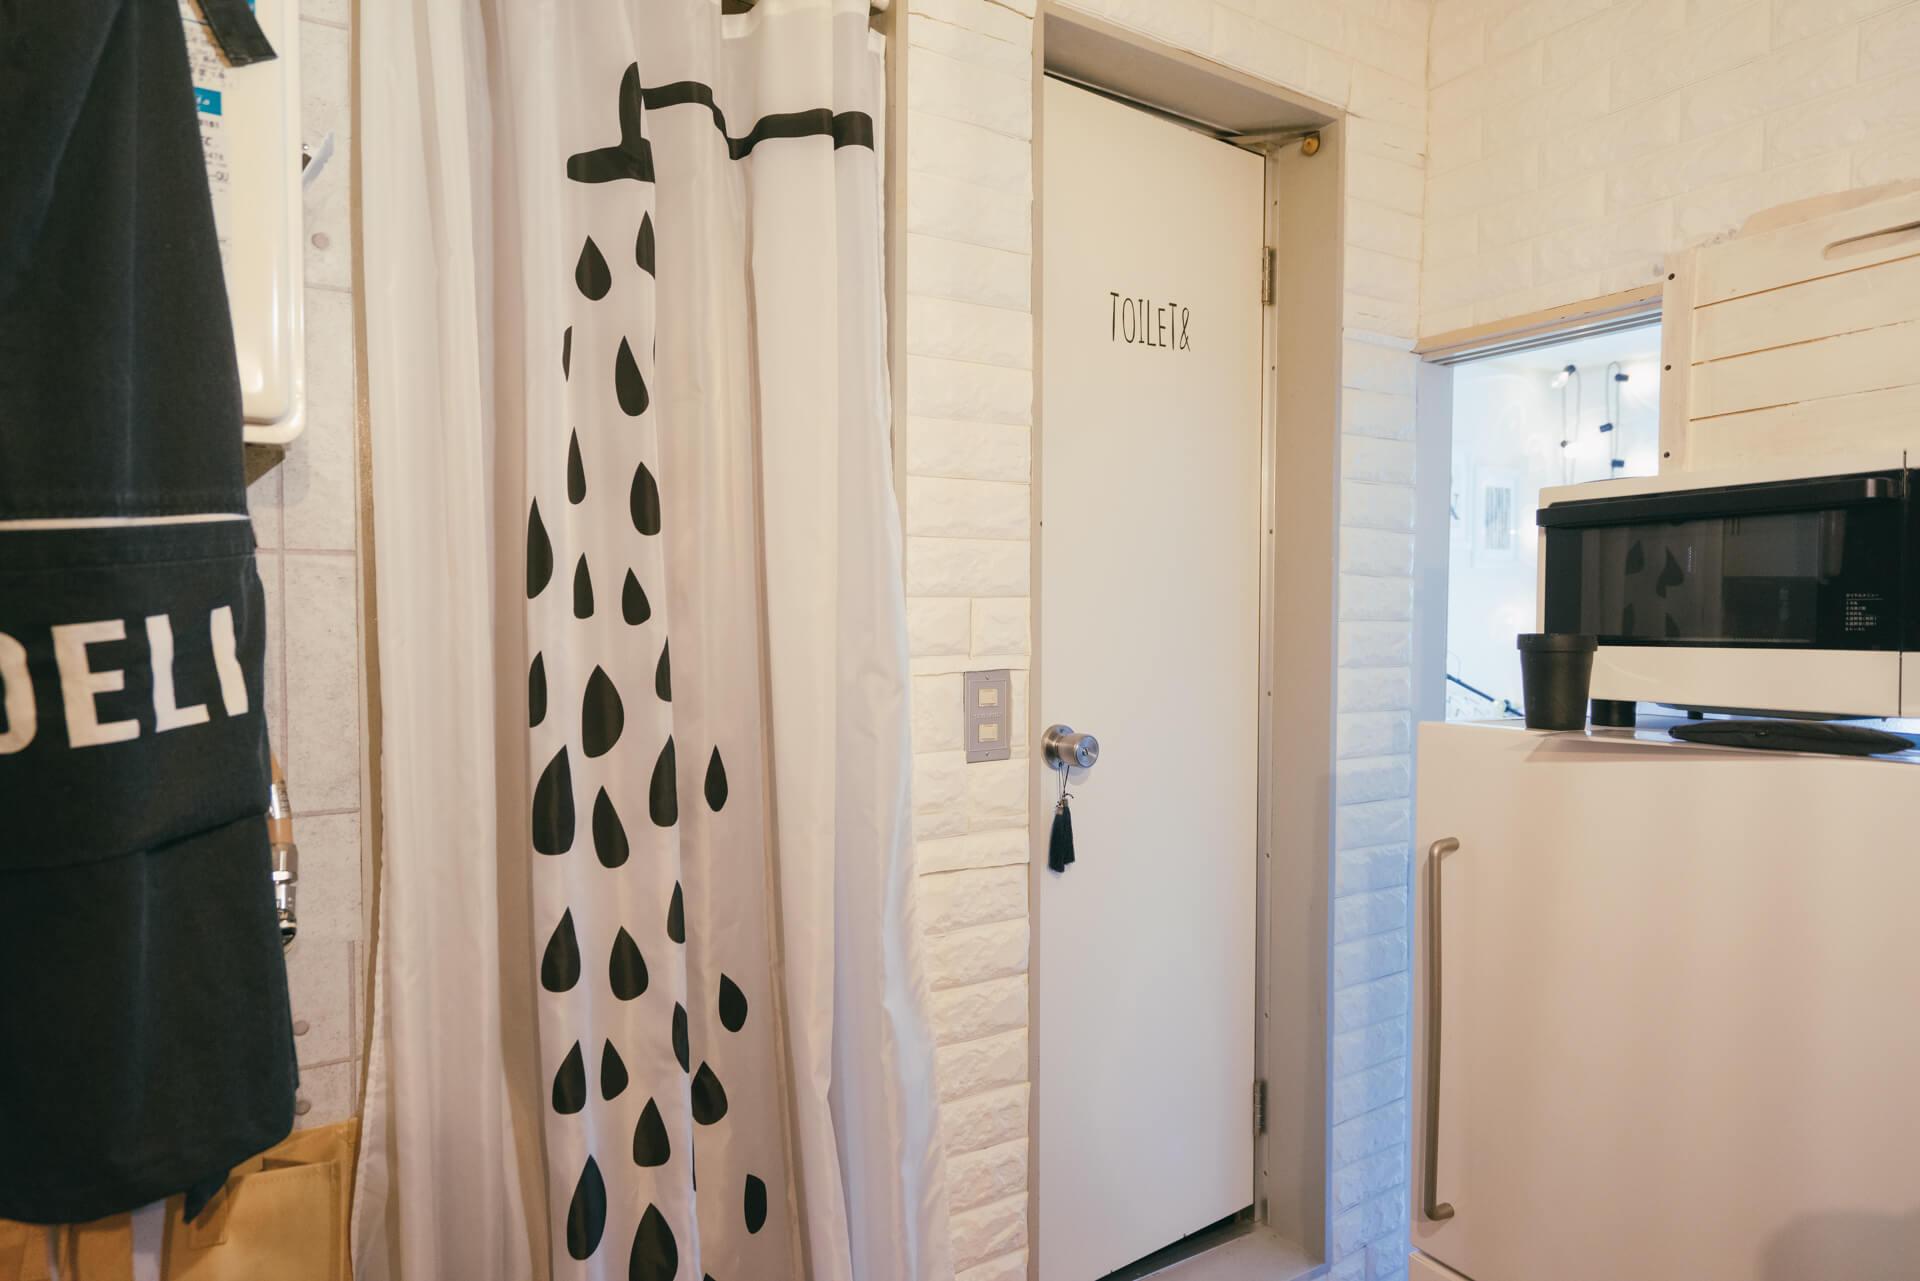 こちらのお部屋では、水回りの壁をおしゃれにアレンジ。貼っているのは、100円ショップの発泡スチロール製の壁紙。少し凸凹しているのが、まるでレンガのような印象になって面白いカスタマイズ方法です。